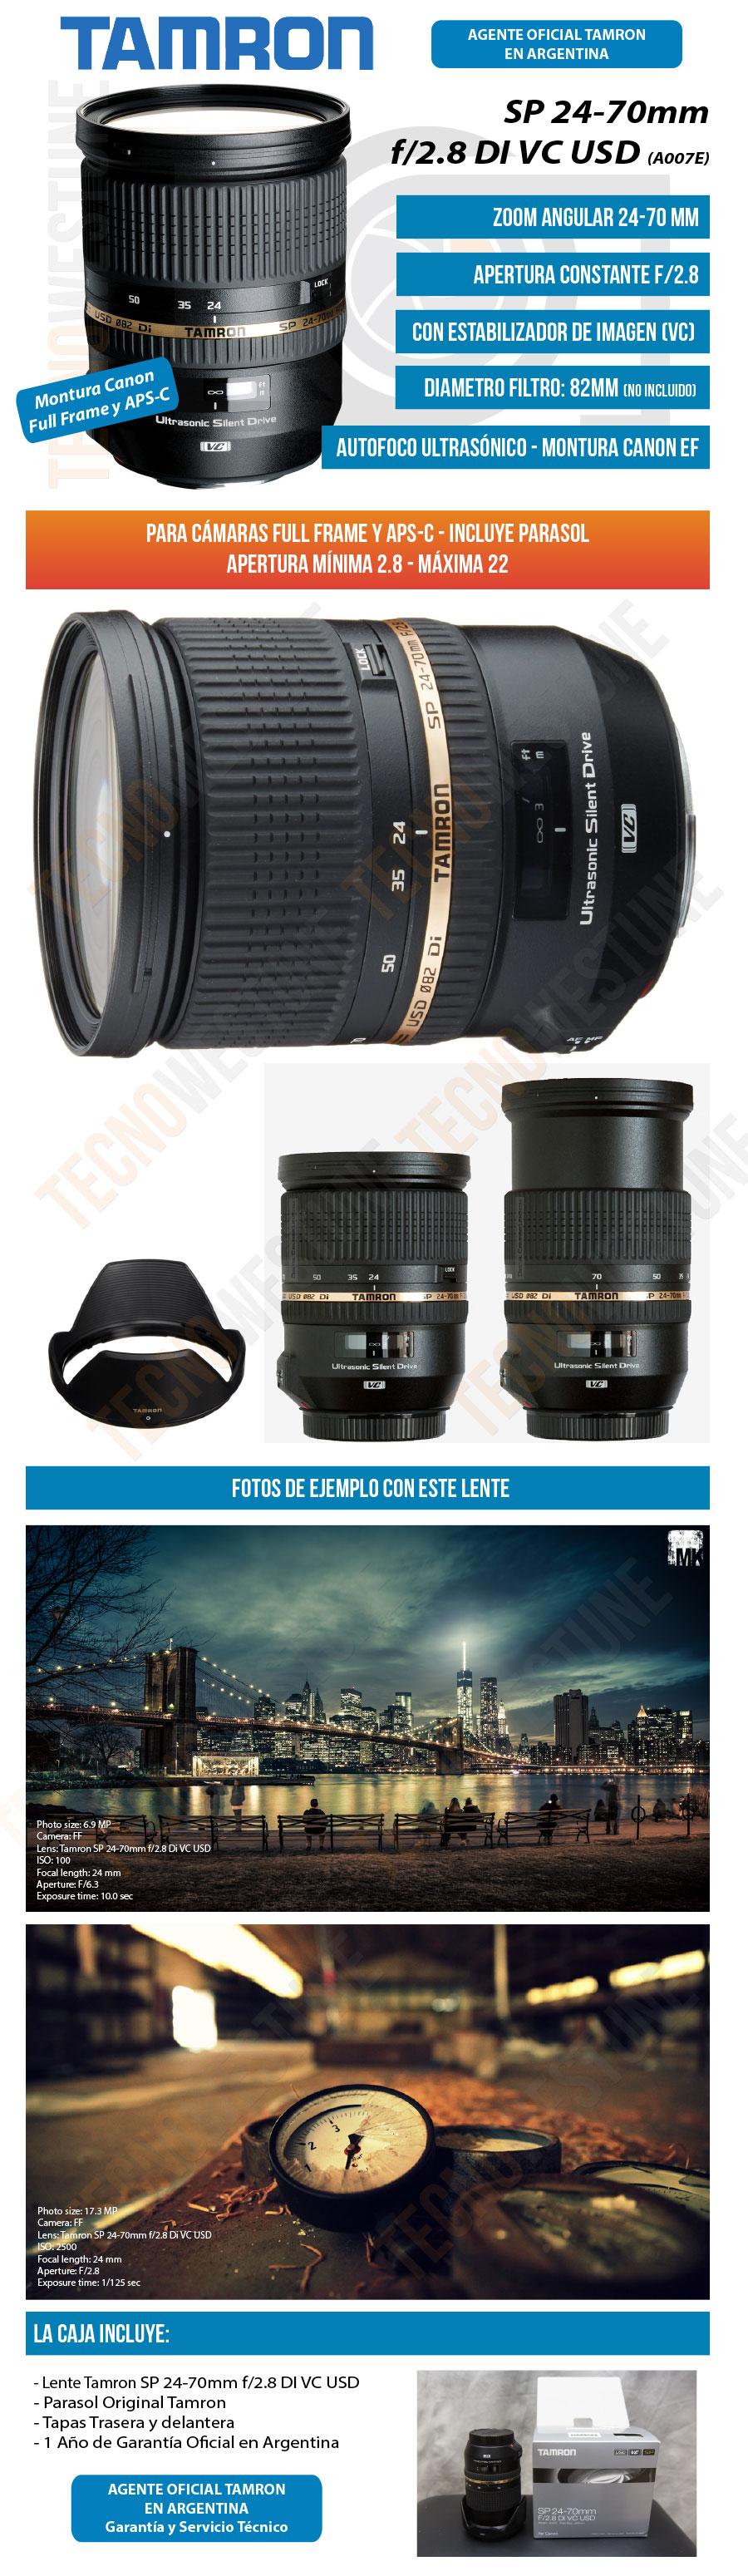 Lente Tamron Sp 24-70mm F/2.8 Di Vc Usd Estabilizado Canon ...